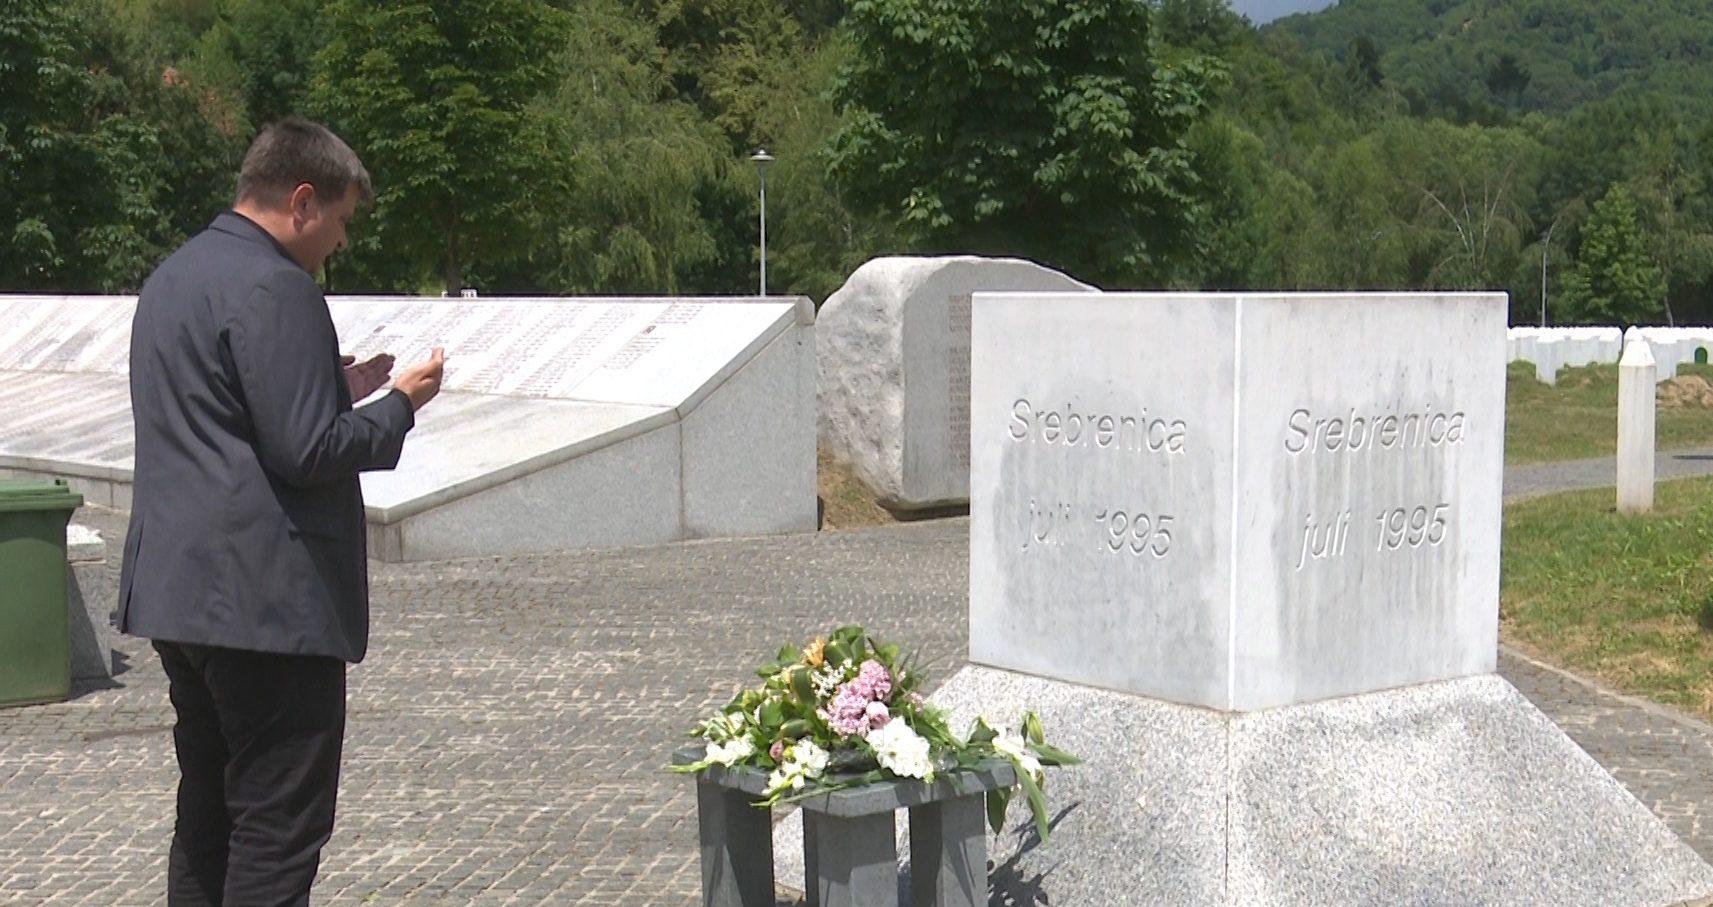 Načelnik Hasanbegović posjetio Memorijalni centar u Potočarima